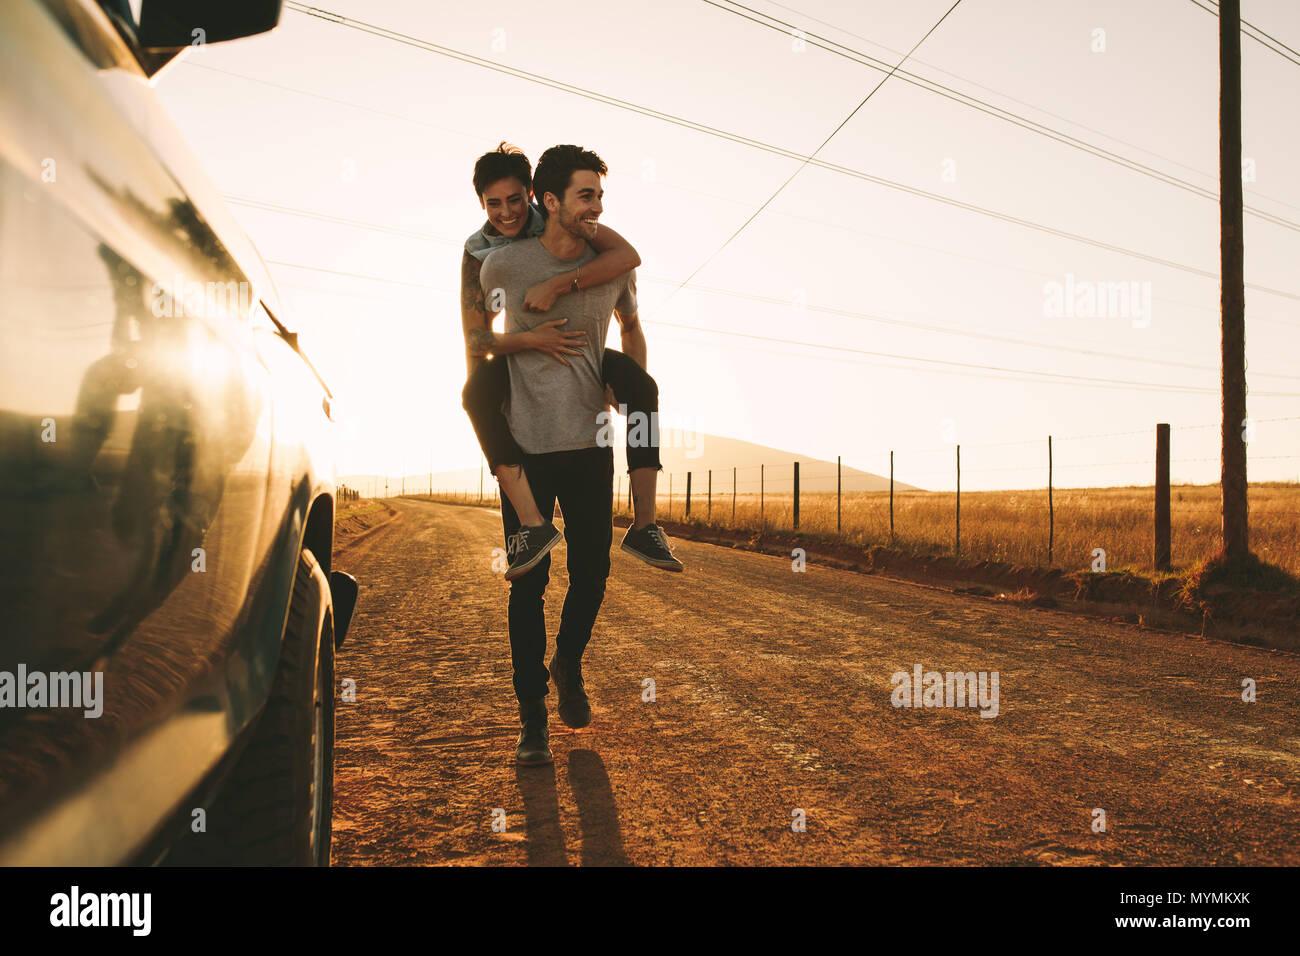 Mujer piggy cabalgando sobre un hombre afuera en el lado del país. El hombre lleva una mujer sobre su espalda mientras estaba en un viaje por carretera. Imagen De Stock